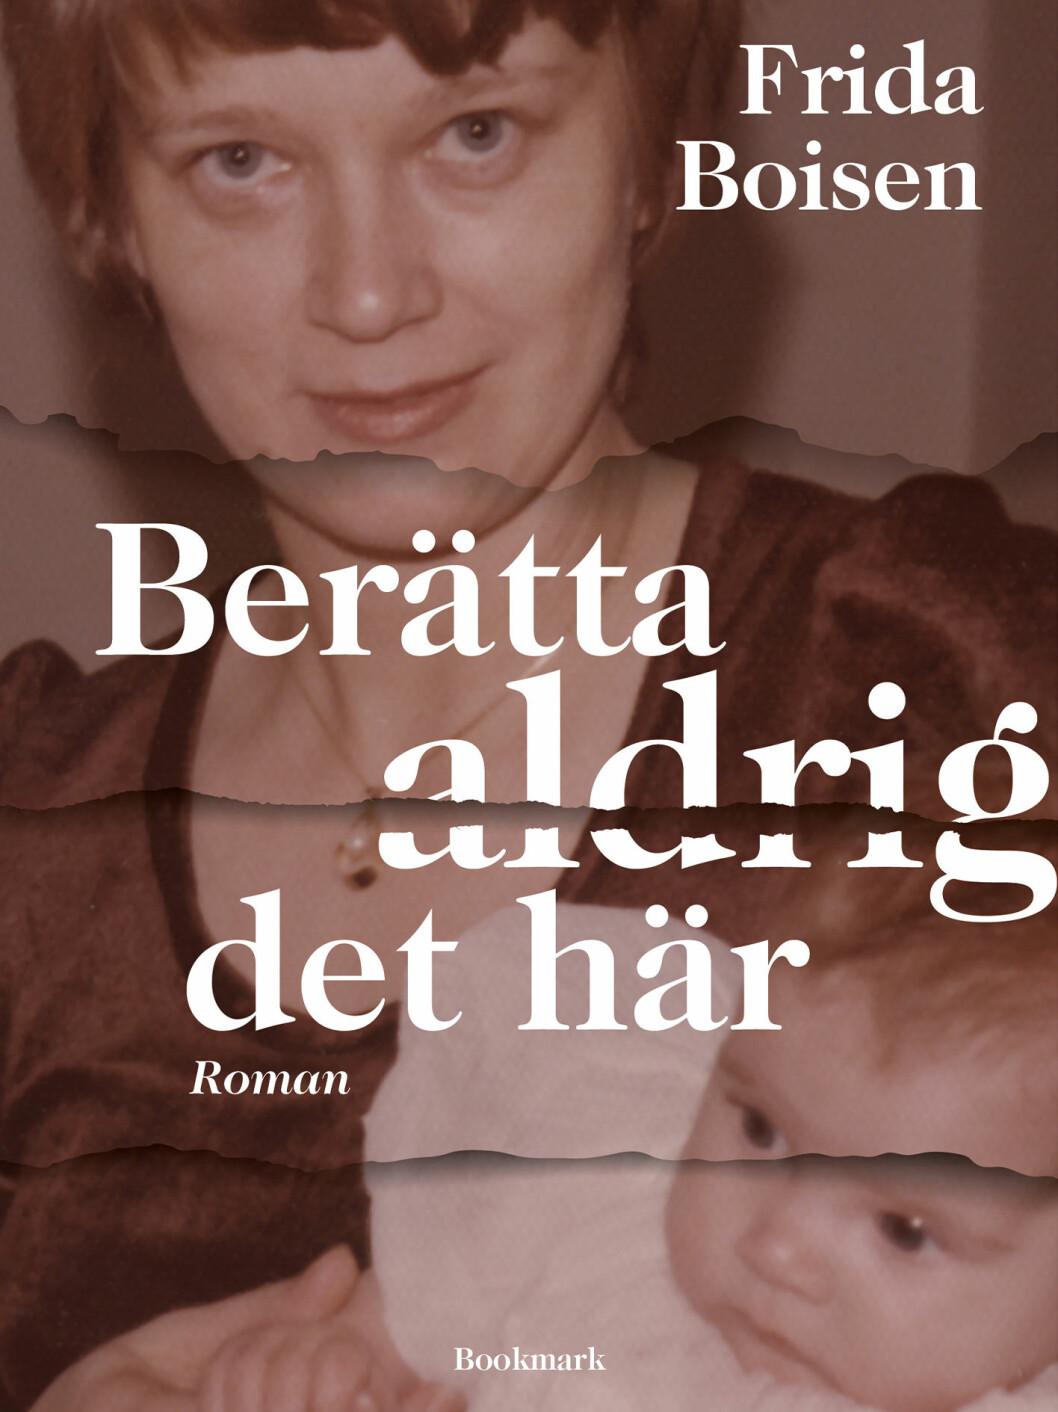 Bokomslag till Berätta aldrig det här, bild på författaren och hennes mamma.